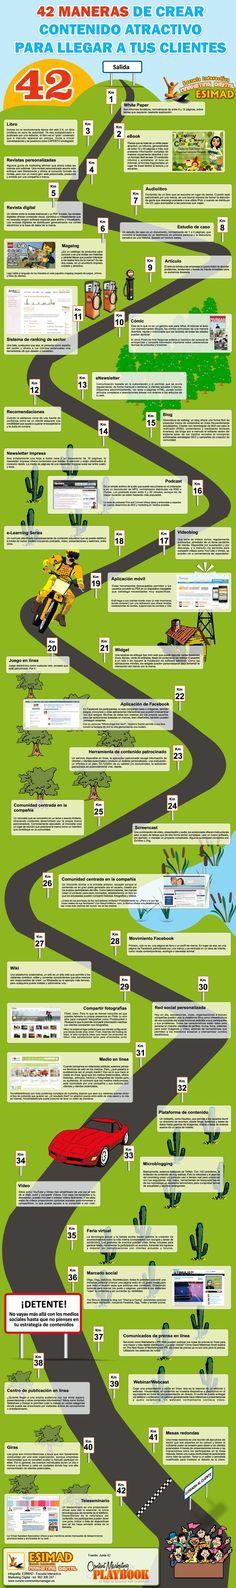 Social Web Creacion de buen contenido relevante para los buscadores de Google